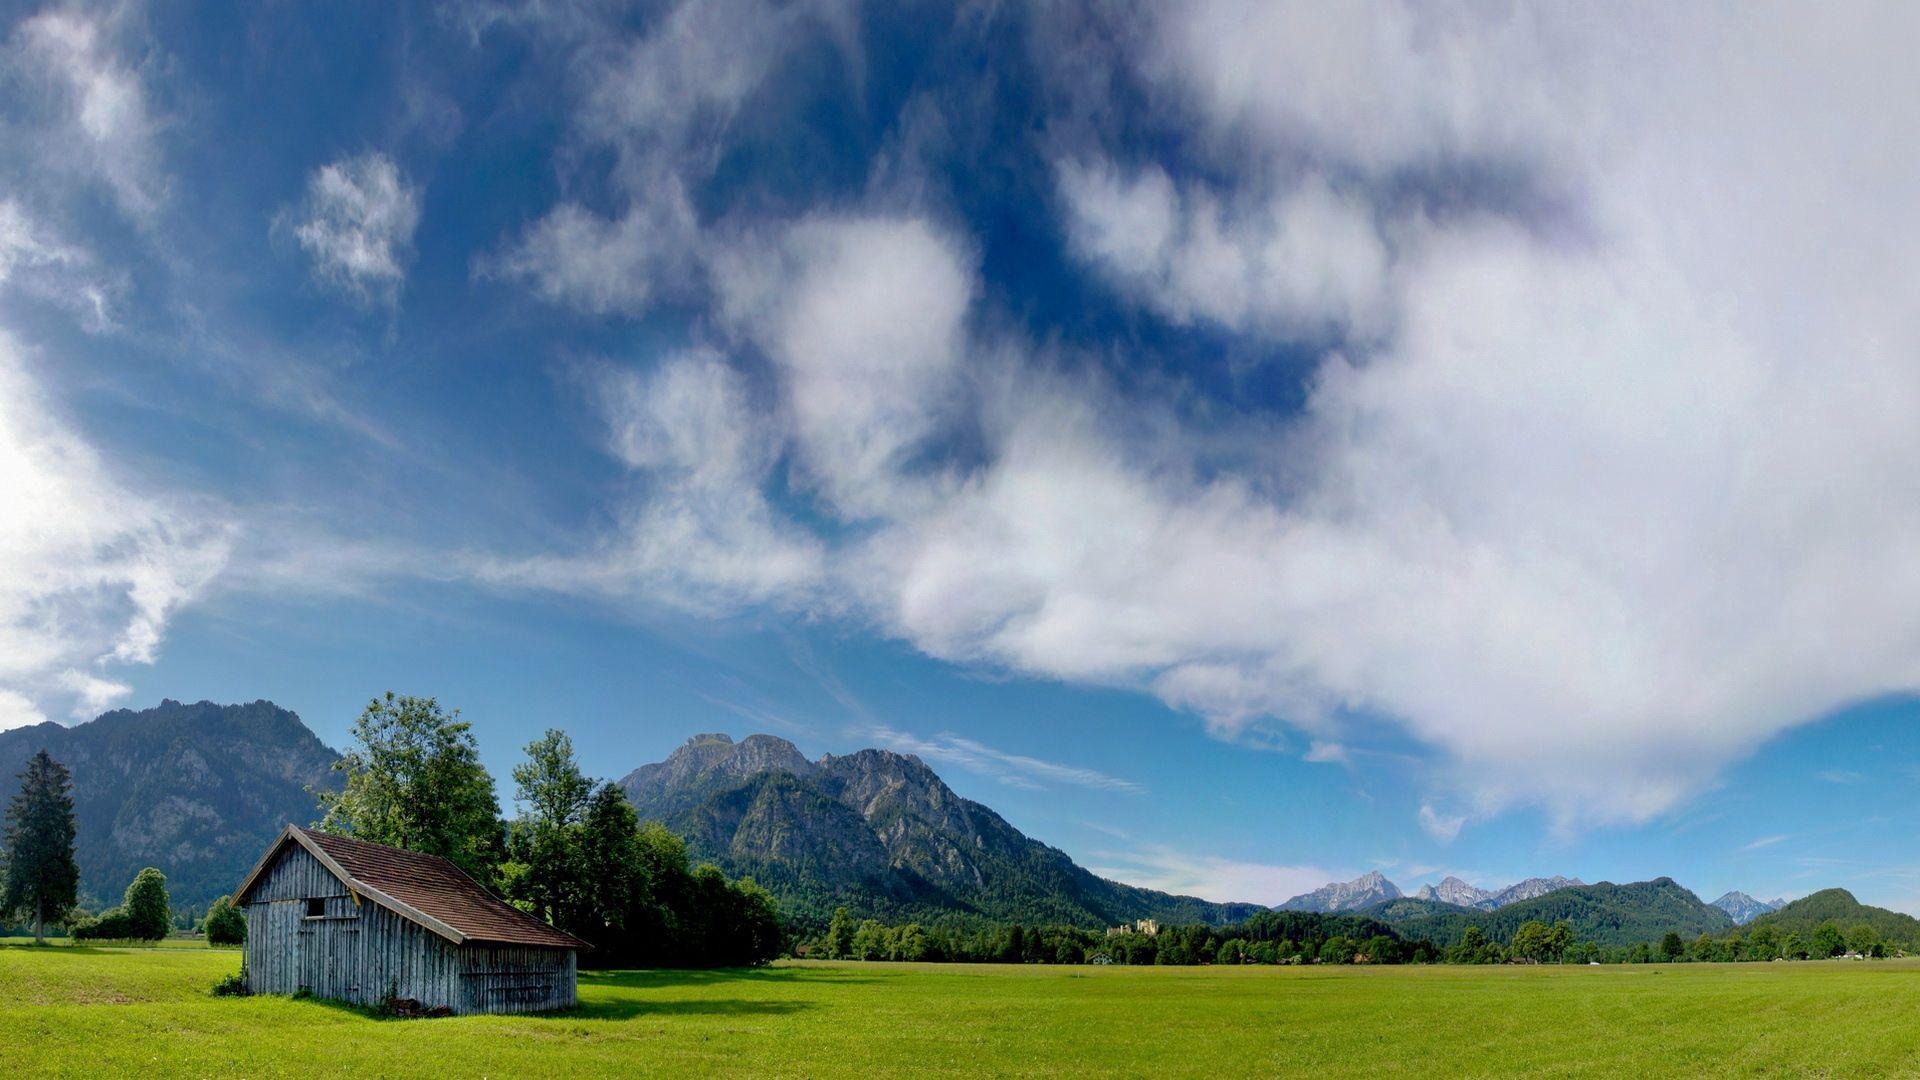 140953 скачать обои Природа, Небо, Облака, Домик, Поляна, Воздушные - заставки и картинки бесплатно